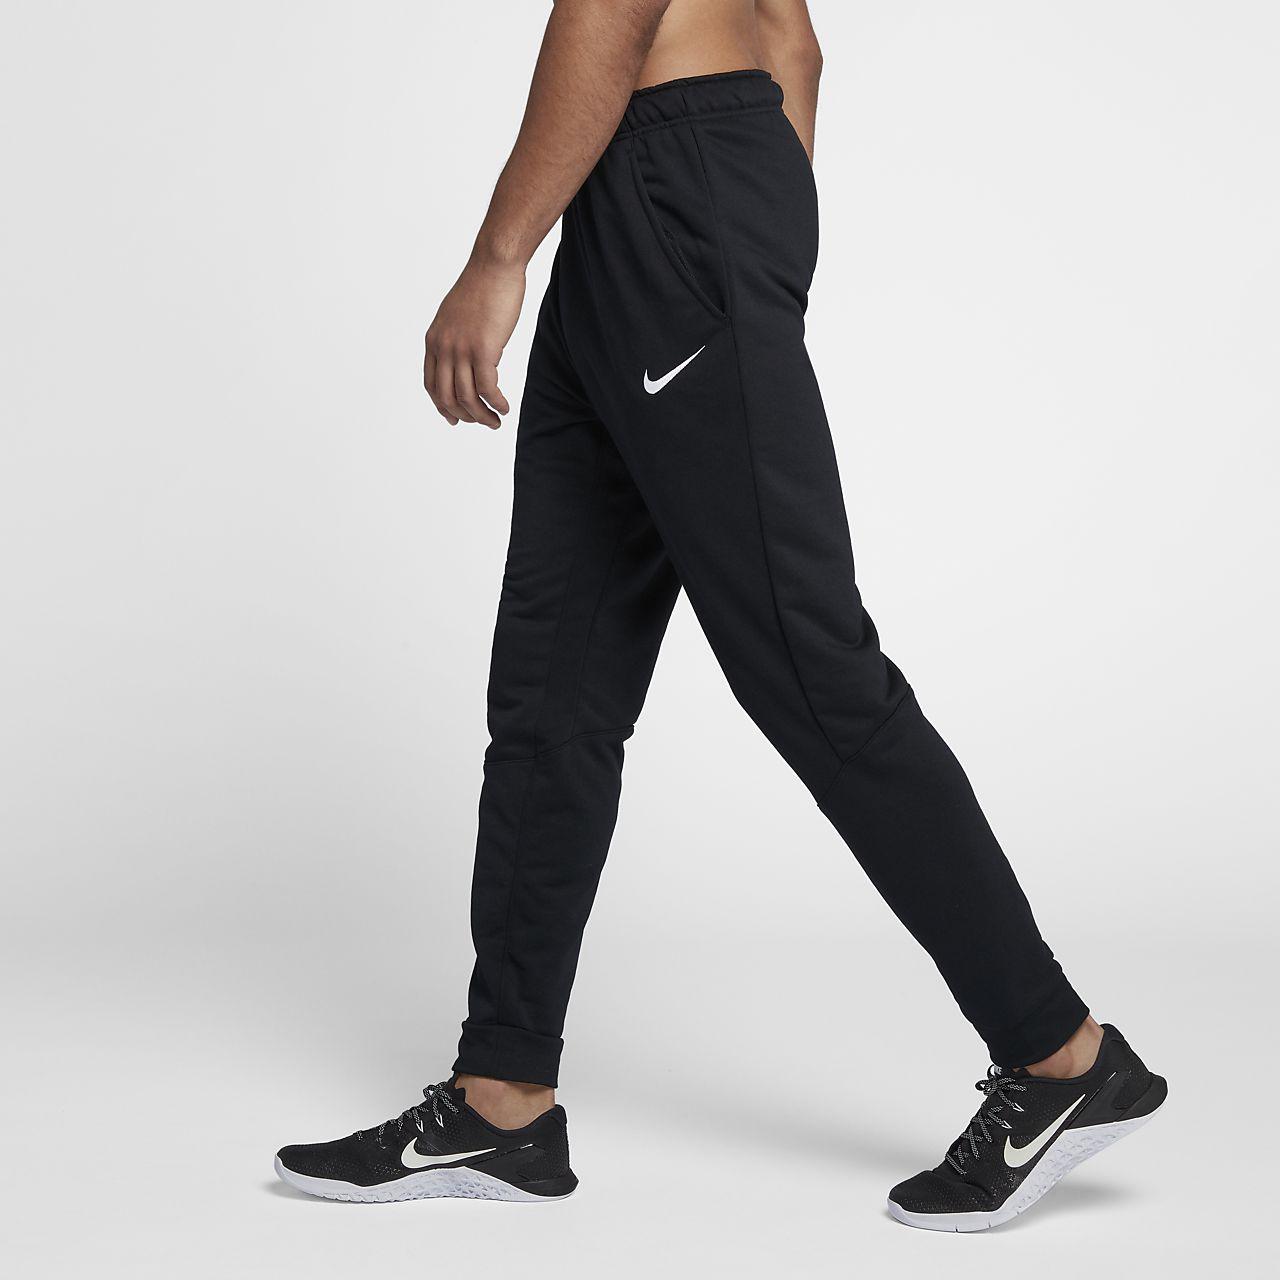 Nike Dri-FIT Bileğe Doğru Daralan Yünlü Erkek Antrenman Eşofman Altı